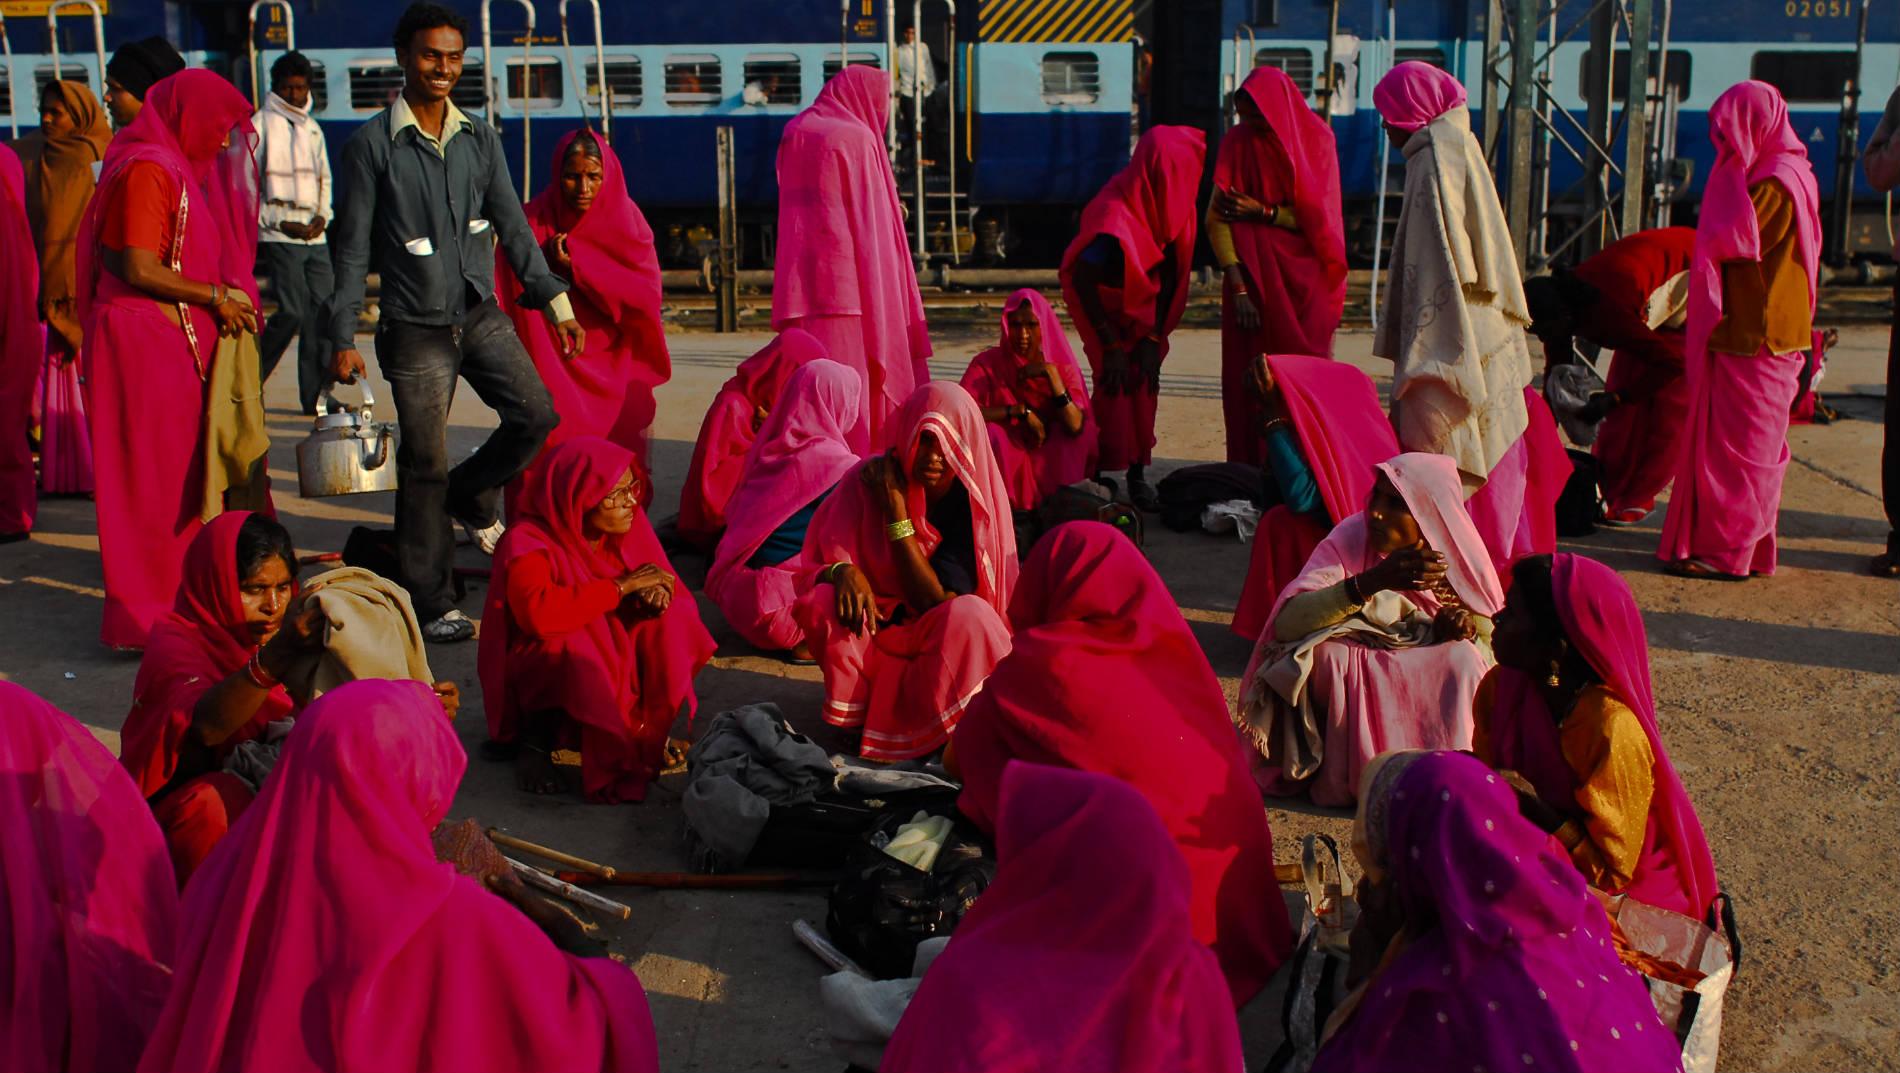 Gulabi Gang Blindboys.org Blog Post February 18, 2009